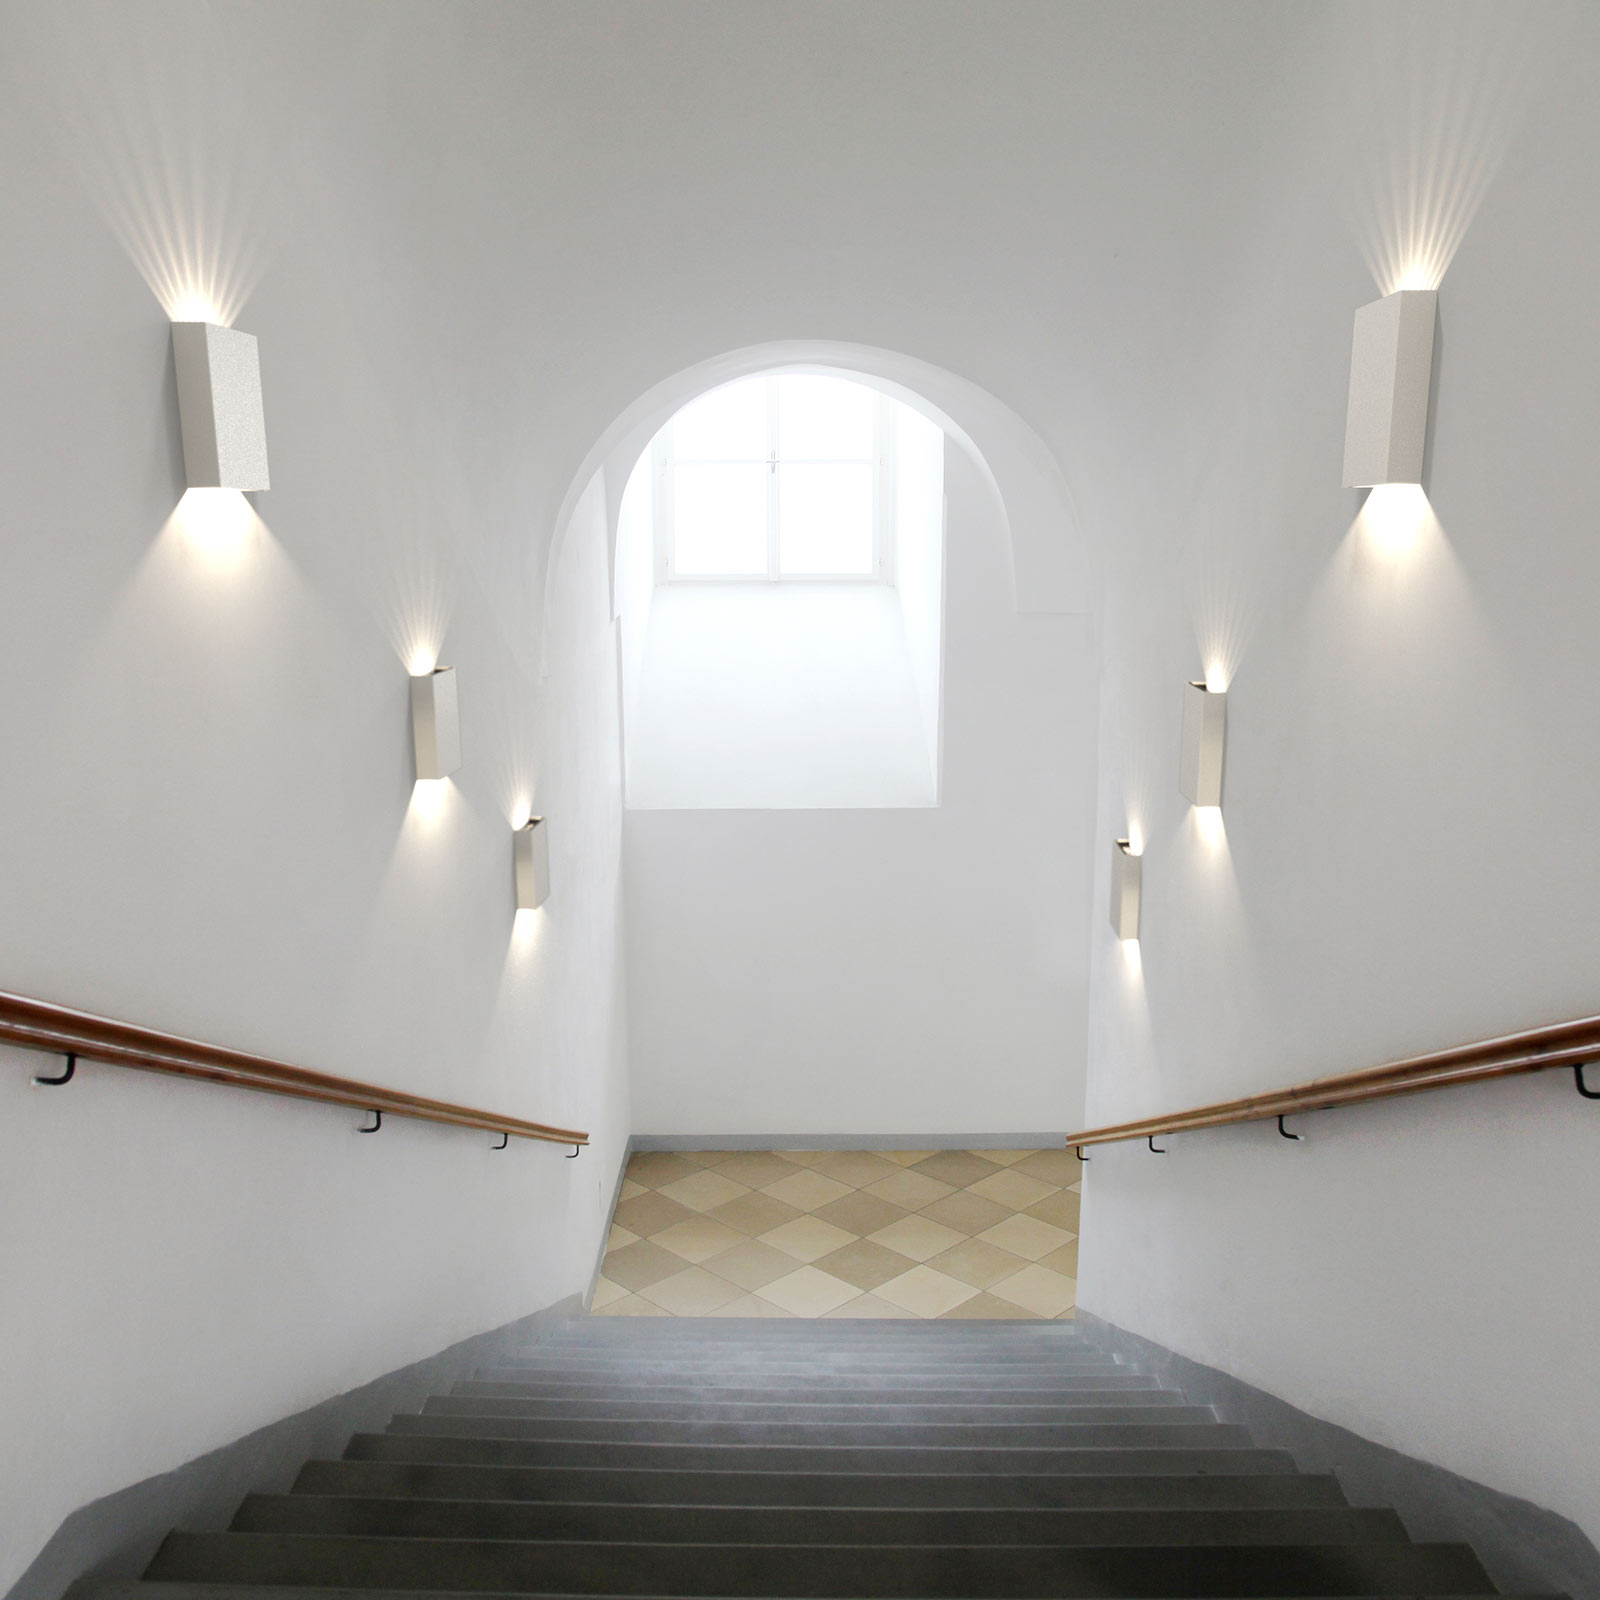 LED-ulkoseinälamppu Fold, 15 x 21 cm, valkoinen